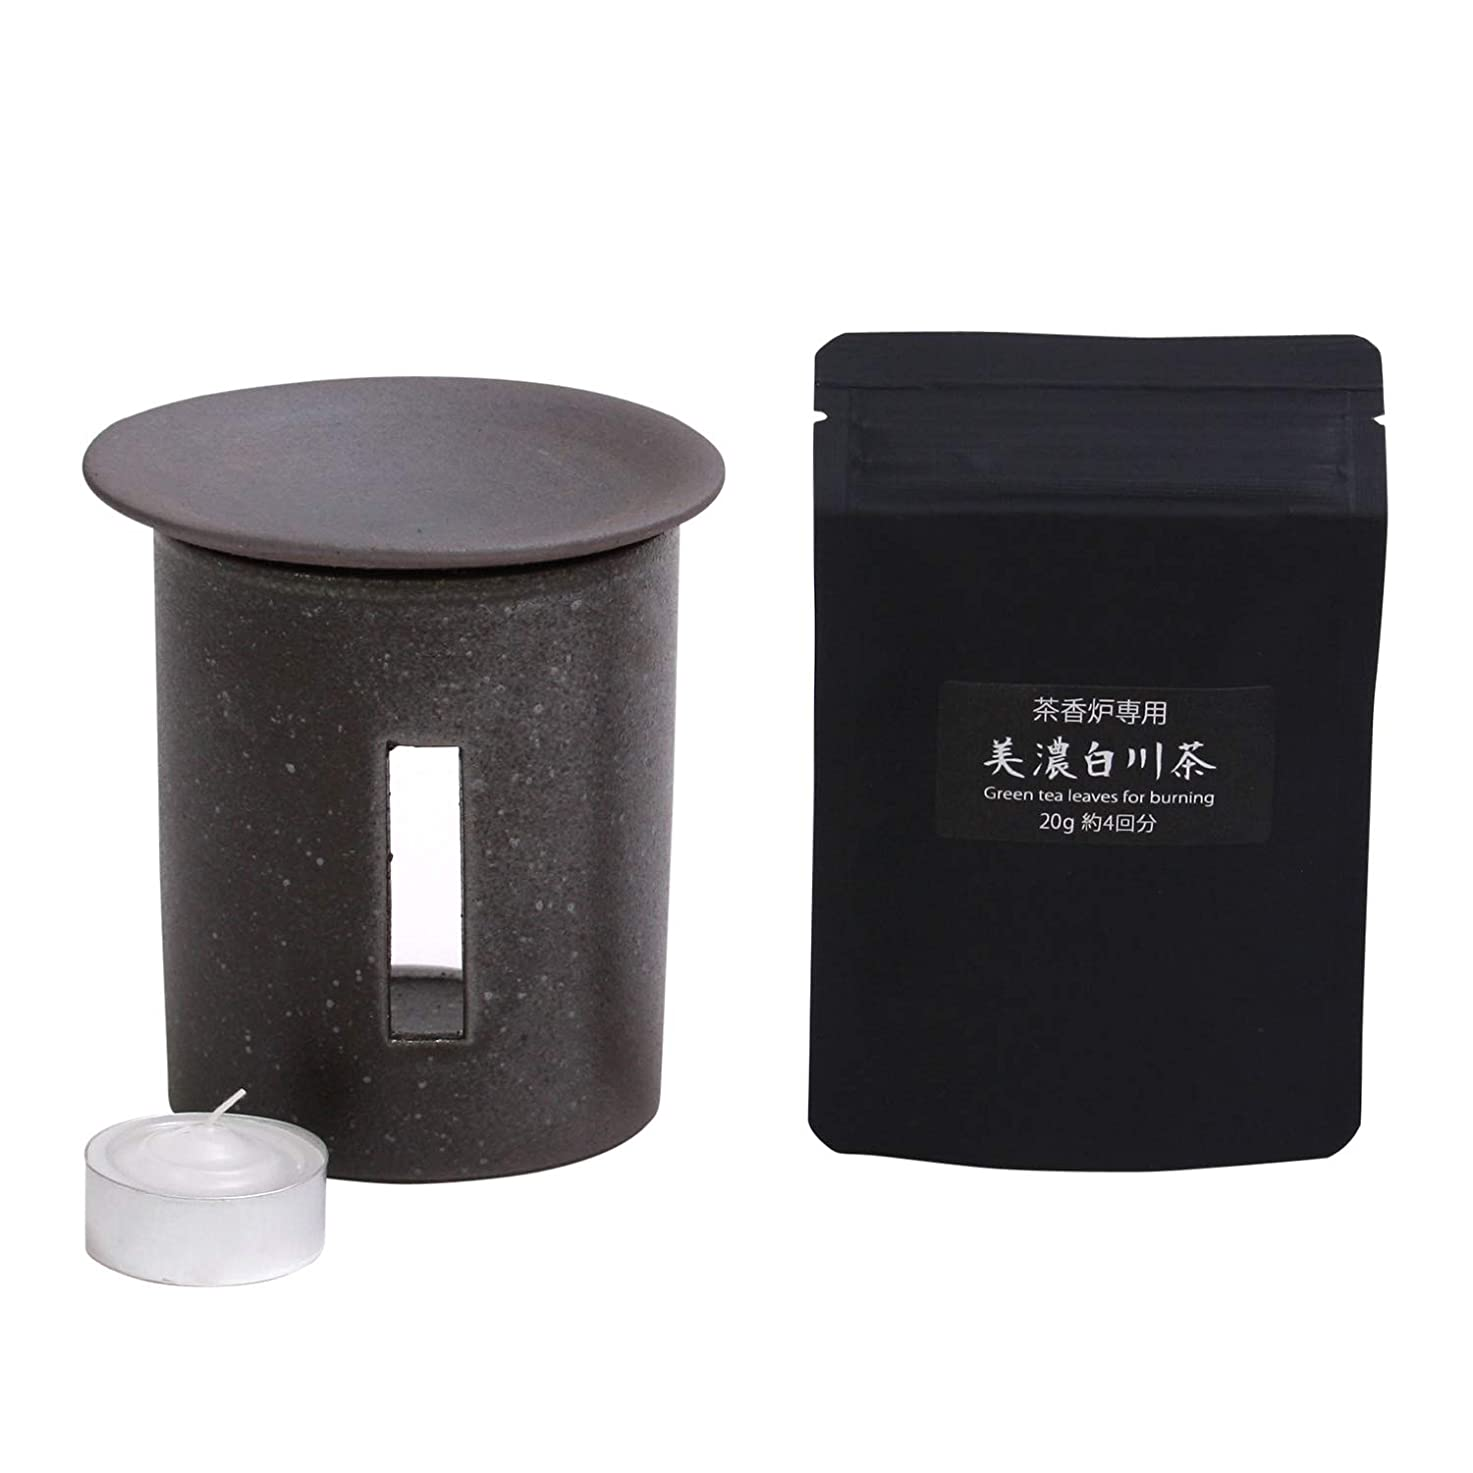 あまりにもガチョウ接地LOLO 消臭グッズ全般 茶香炉 さのか さび 直径10.7cm 30612